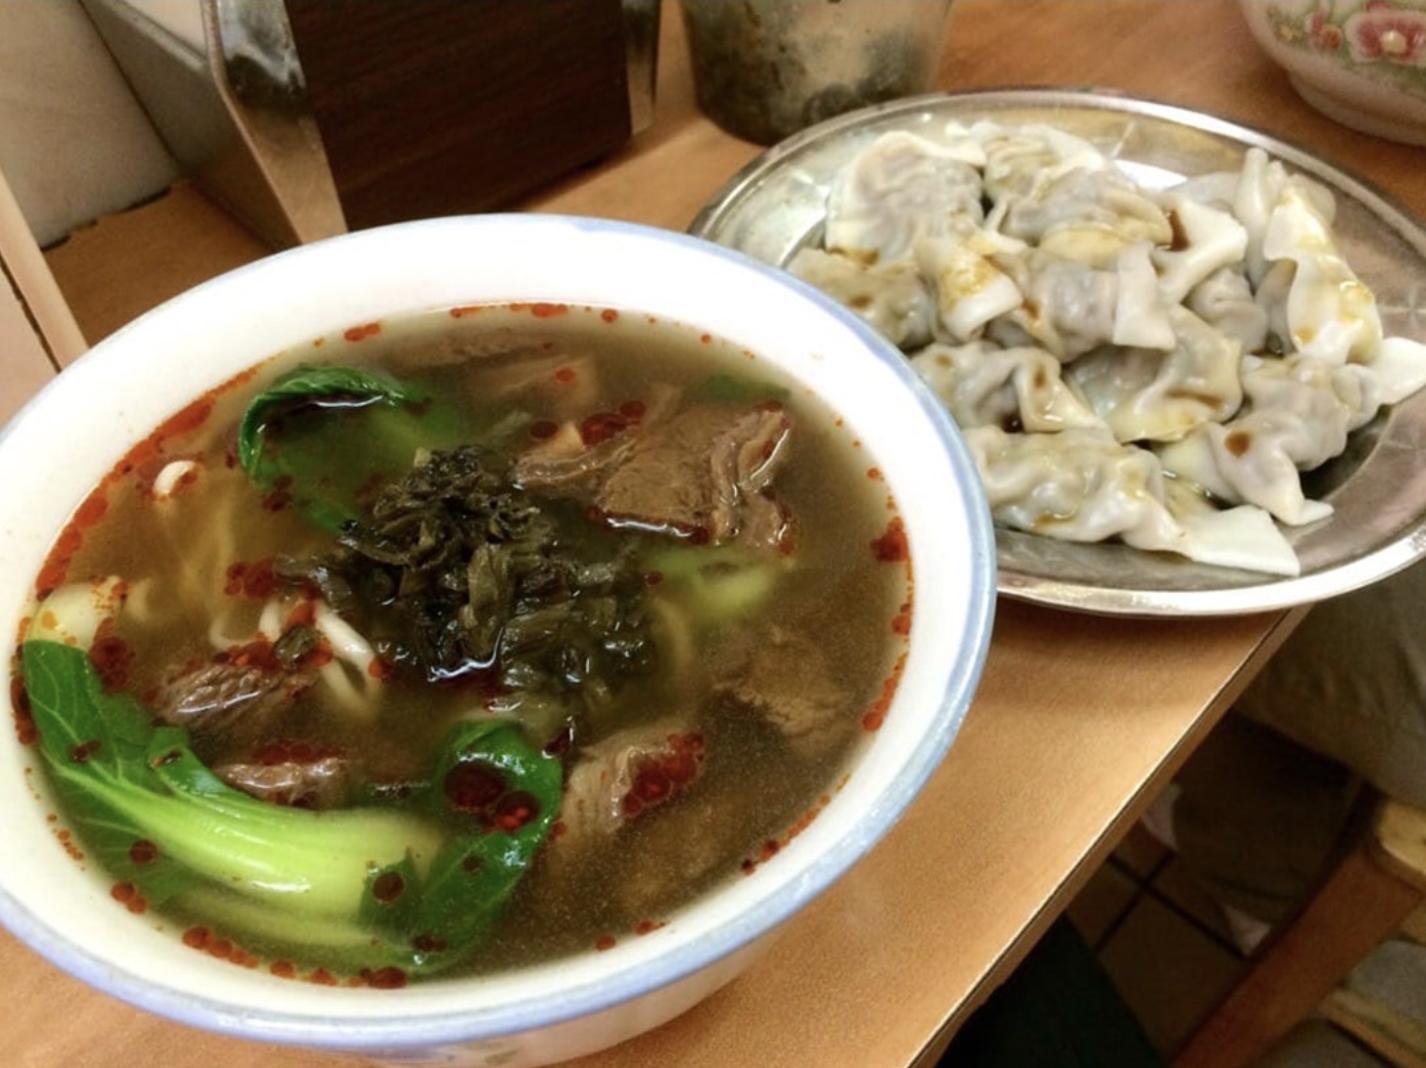 88 Lanzhou Handmade Noodles | Best Restaurants in NYC's Chinatown